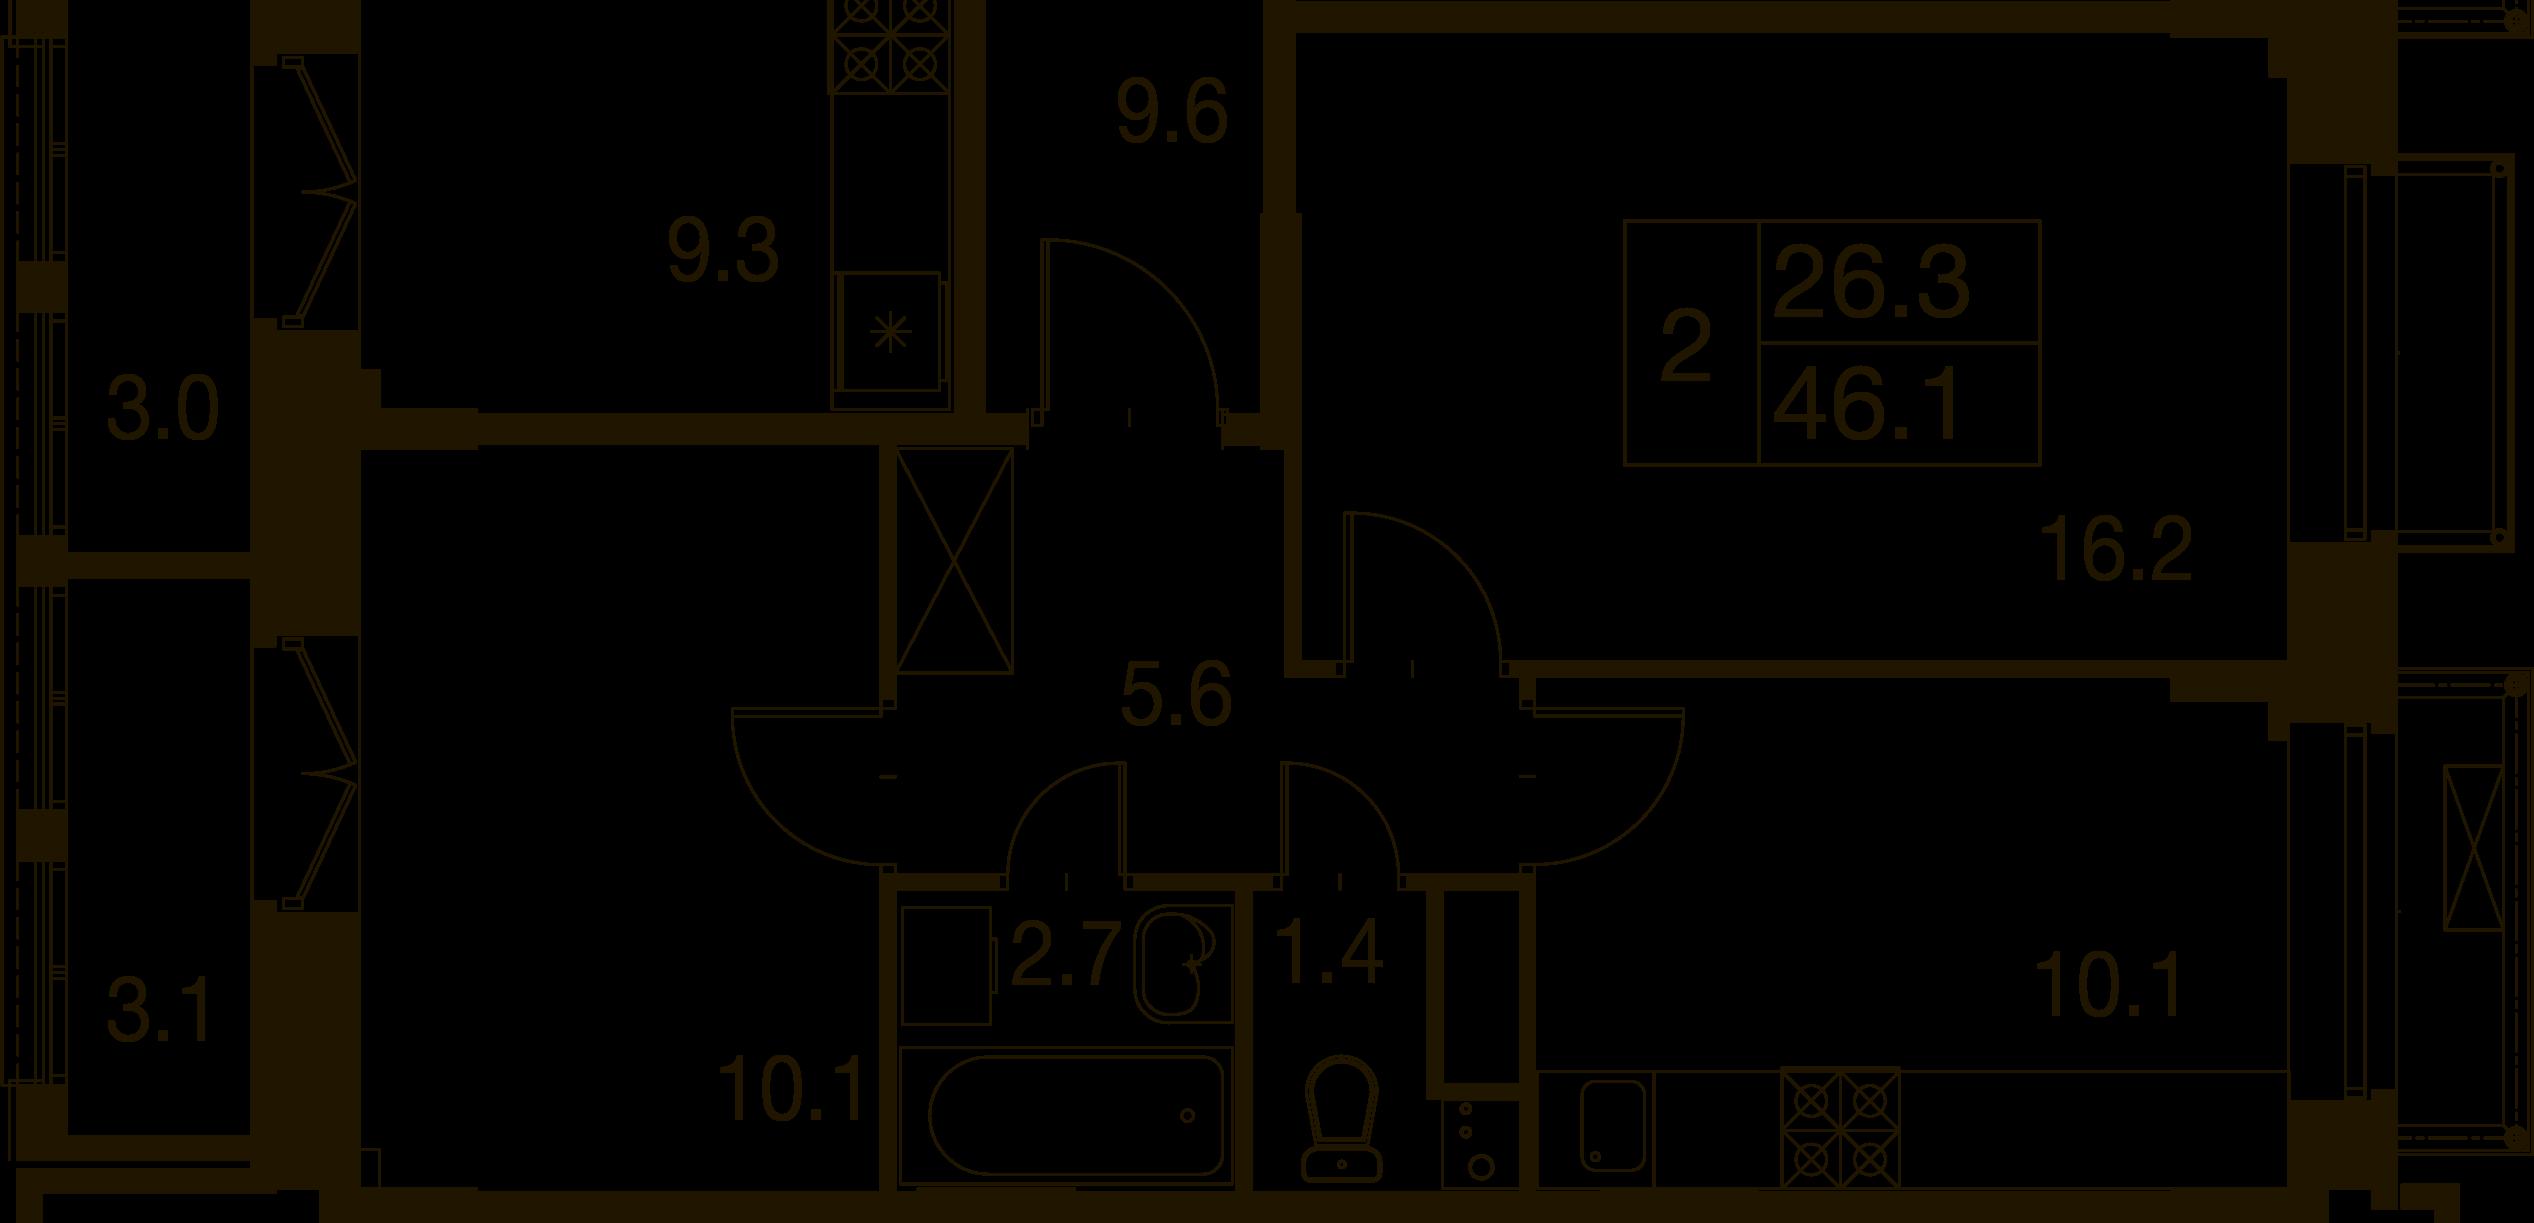 1-комнатная квартира в Митино О2, дом №7, квартира №07-212